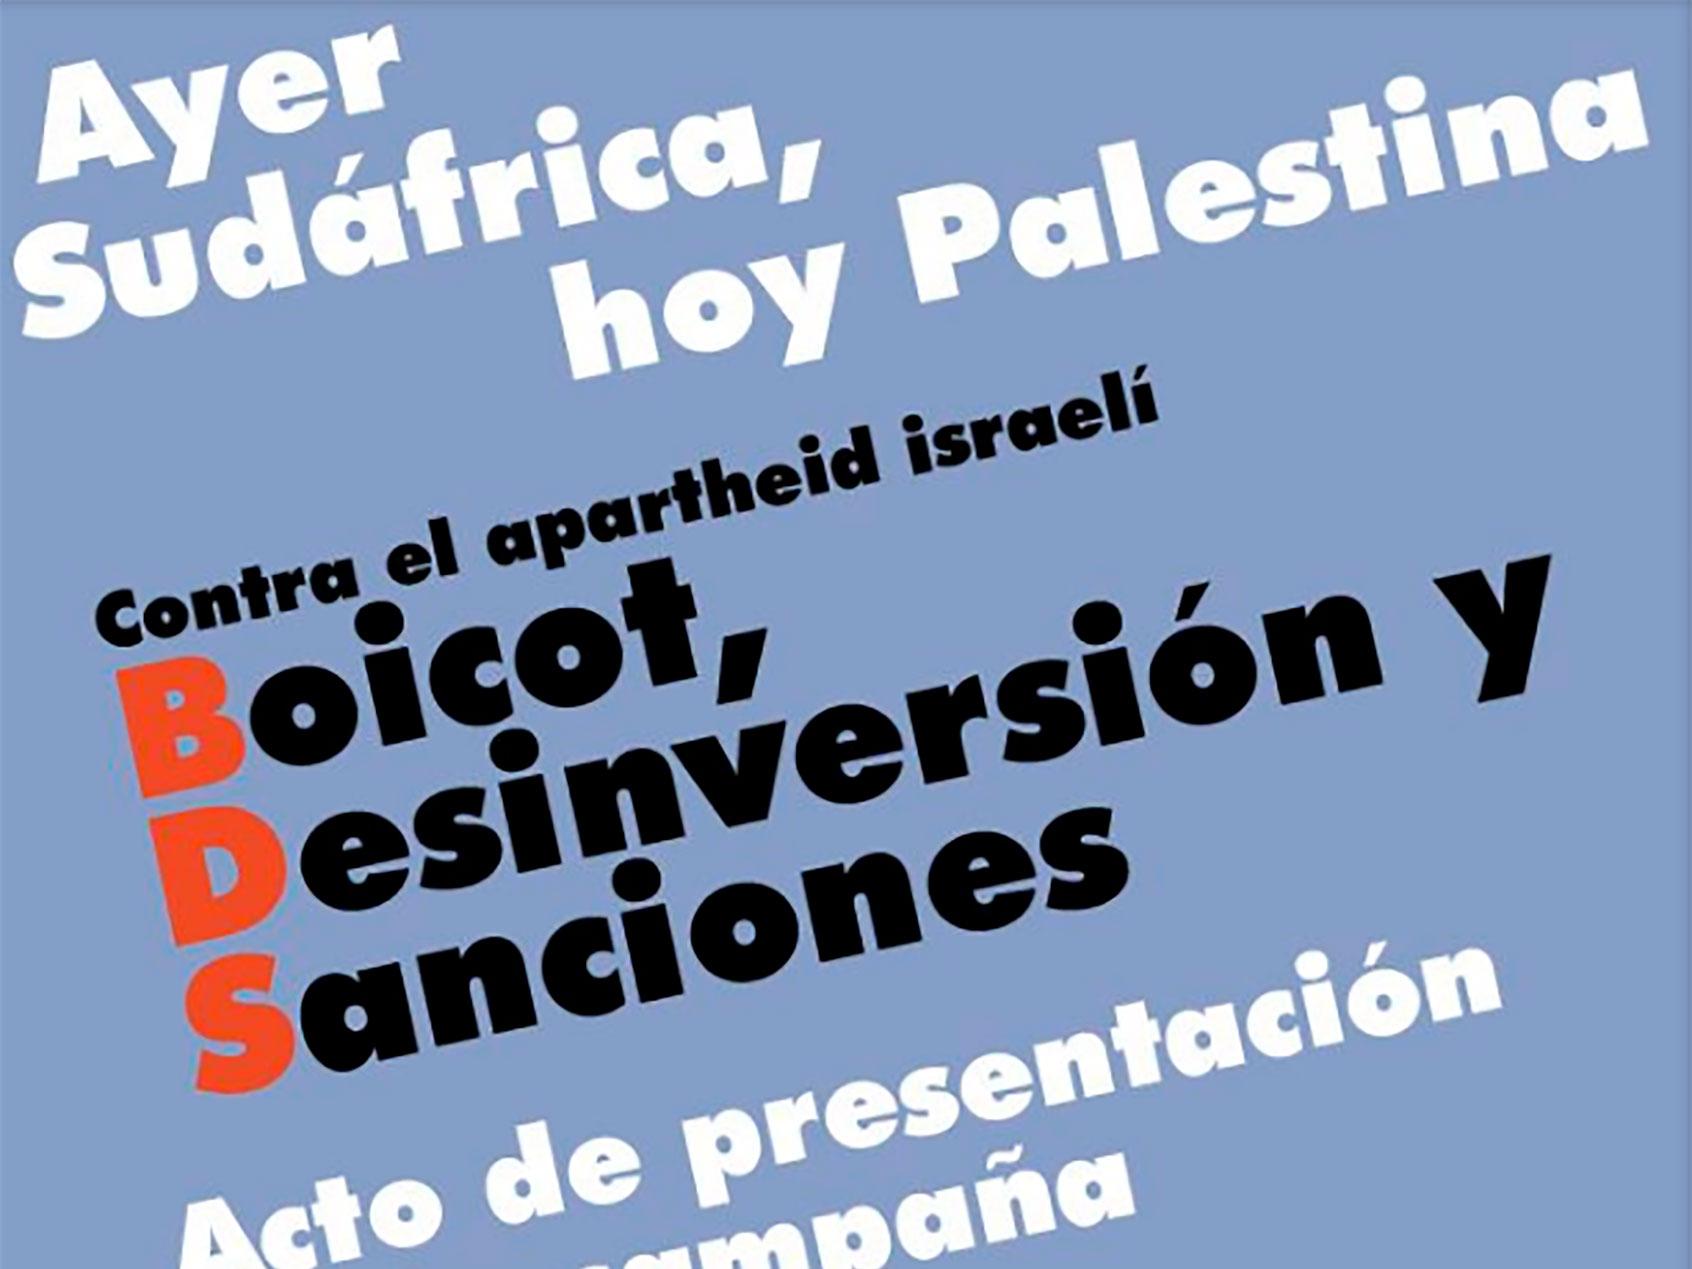 Boicot, Desinversión y Sanciones contra Israel